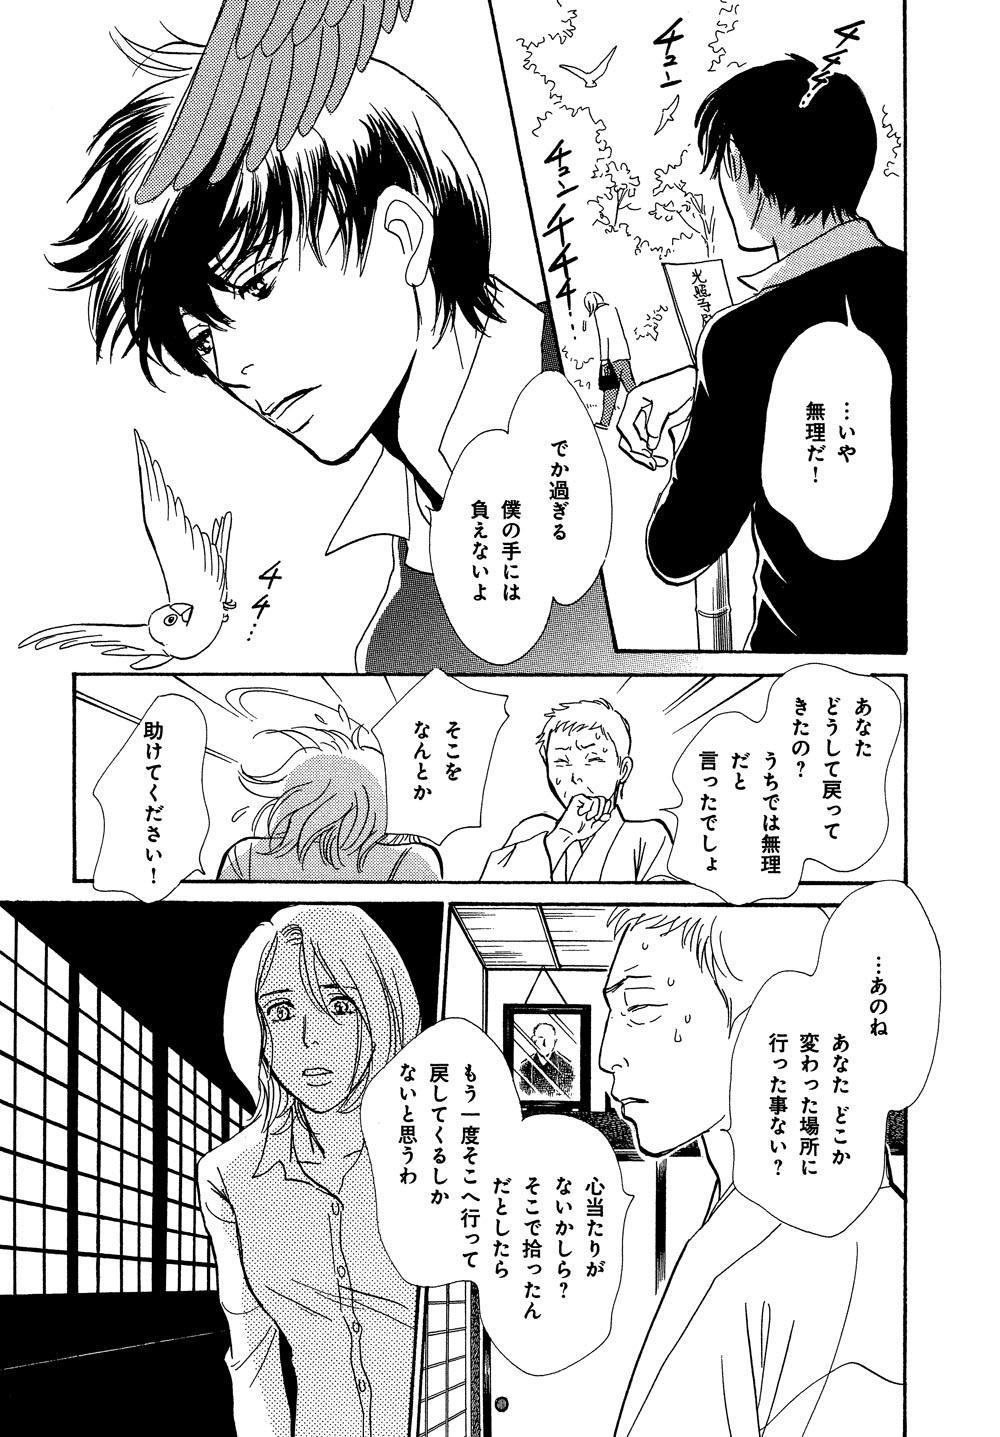 hyakki_0020_0033.jpg